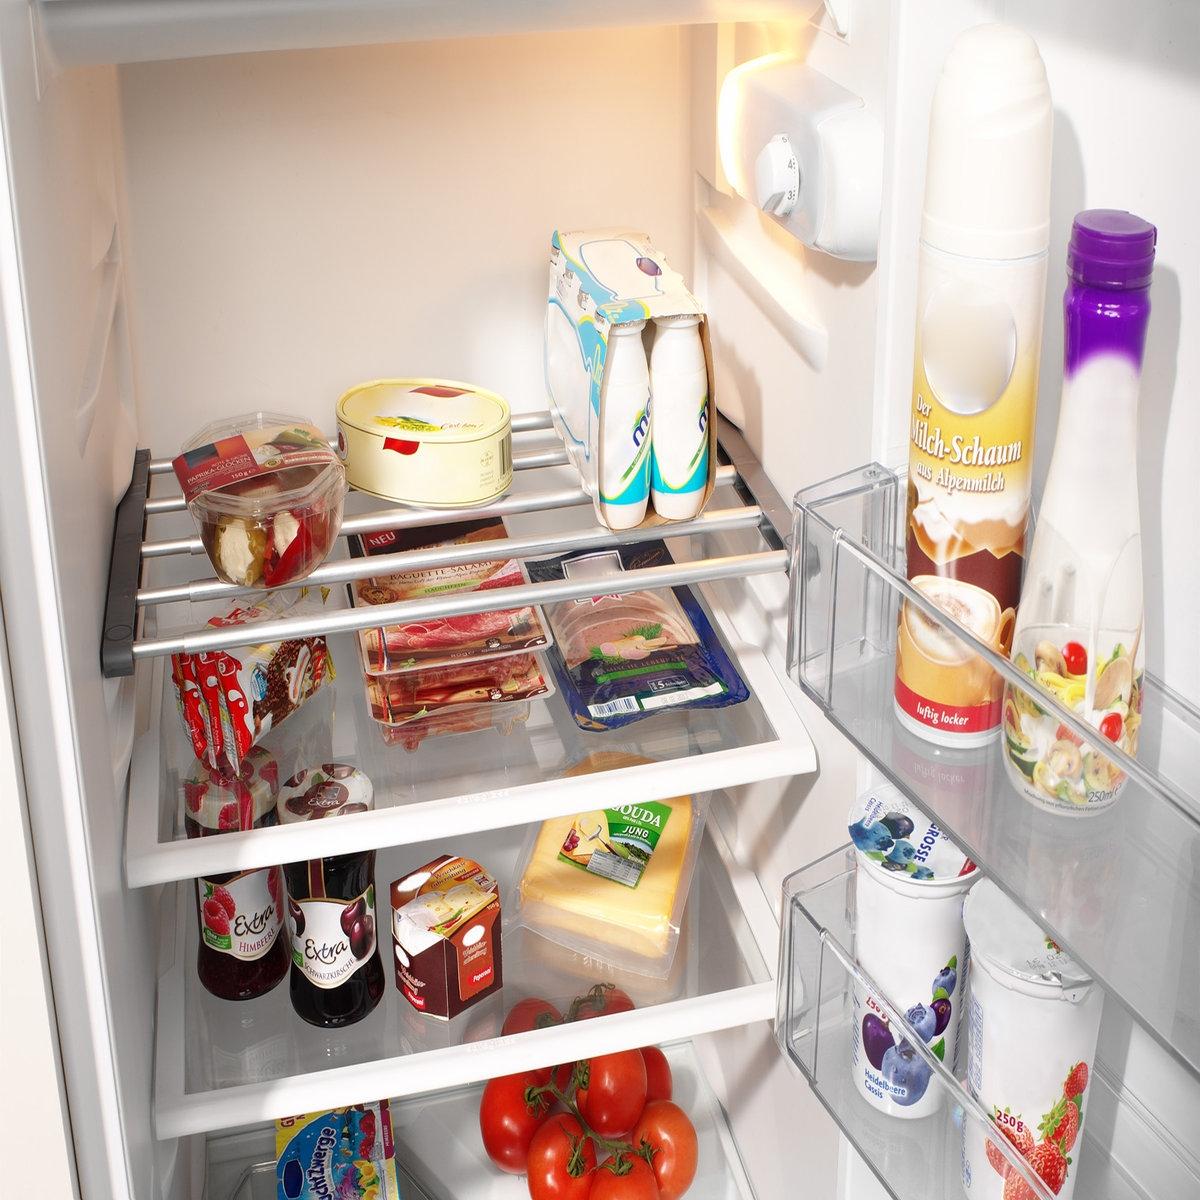 Этажерка раздвижная для холодильника, Aréglo ручка для холодильника либхер